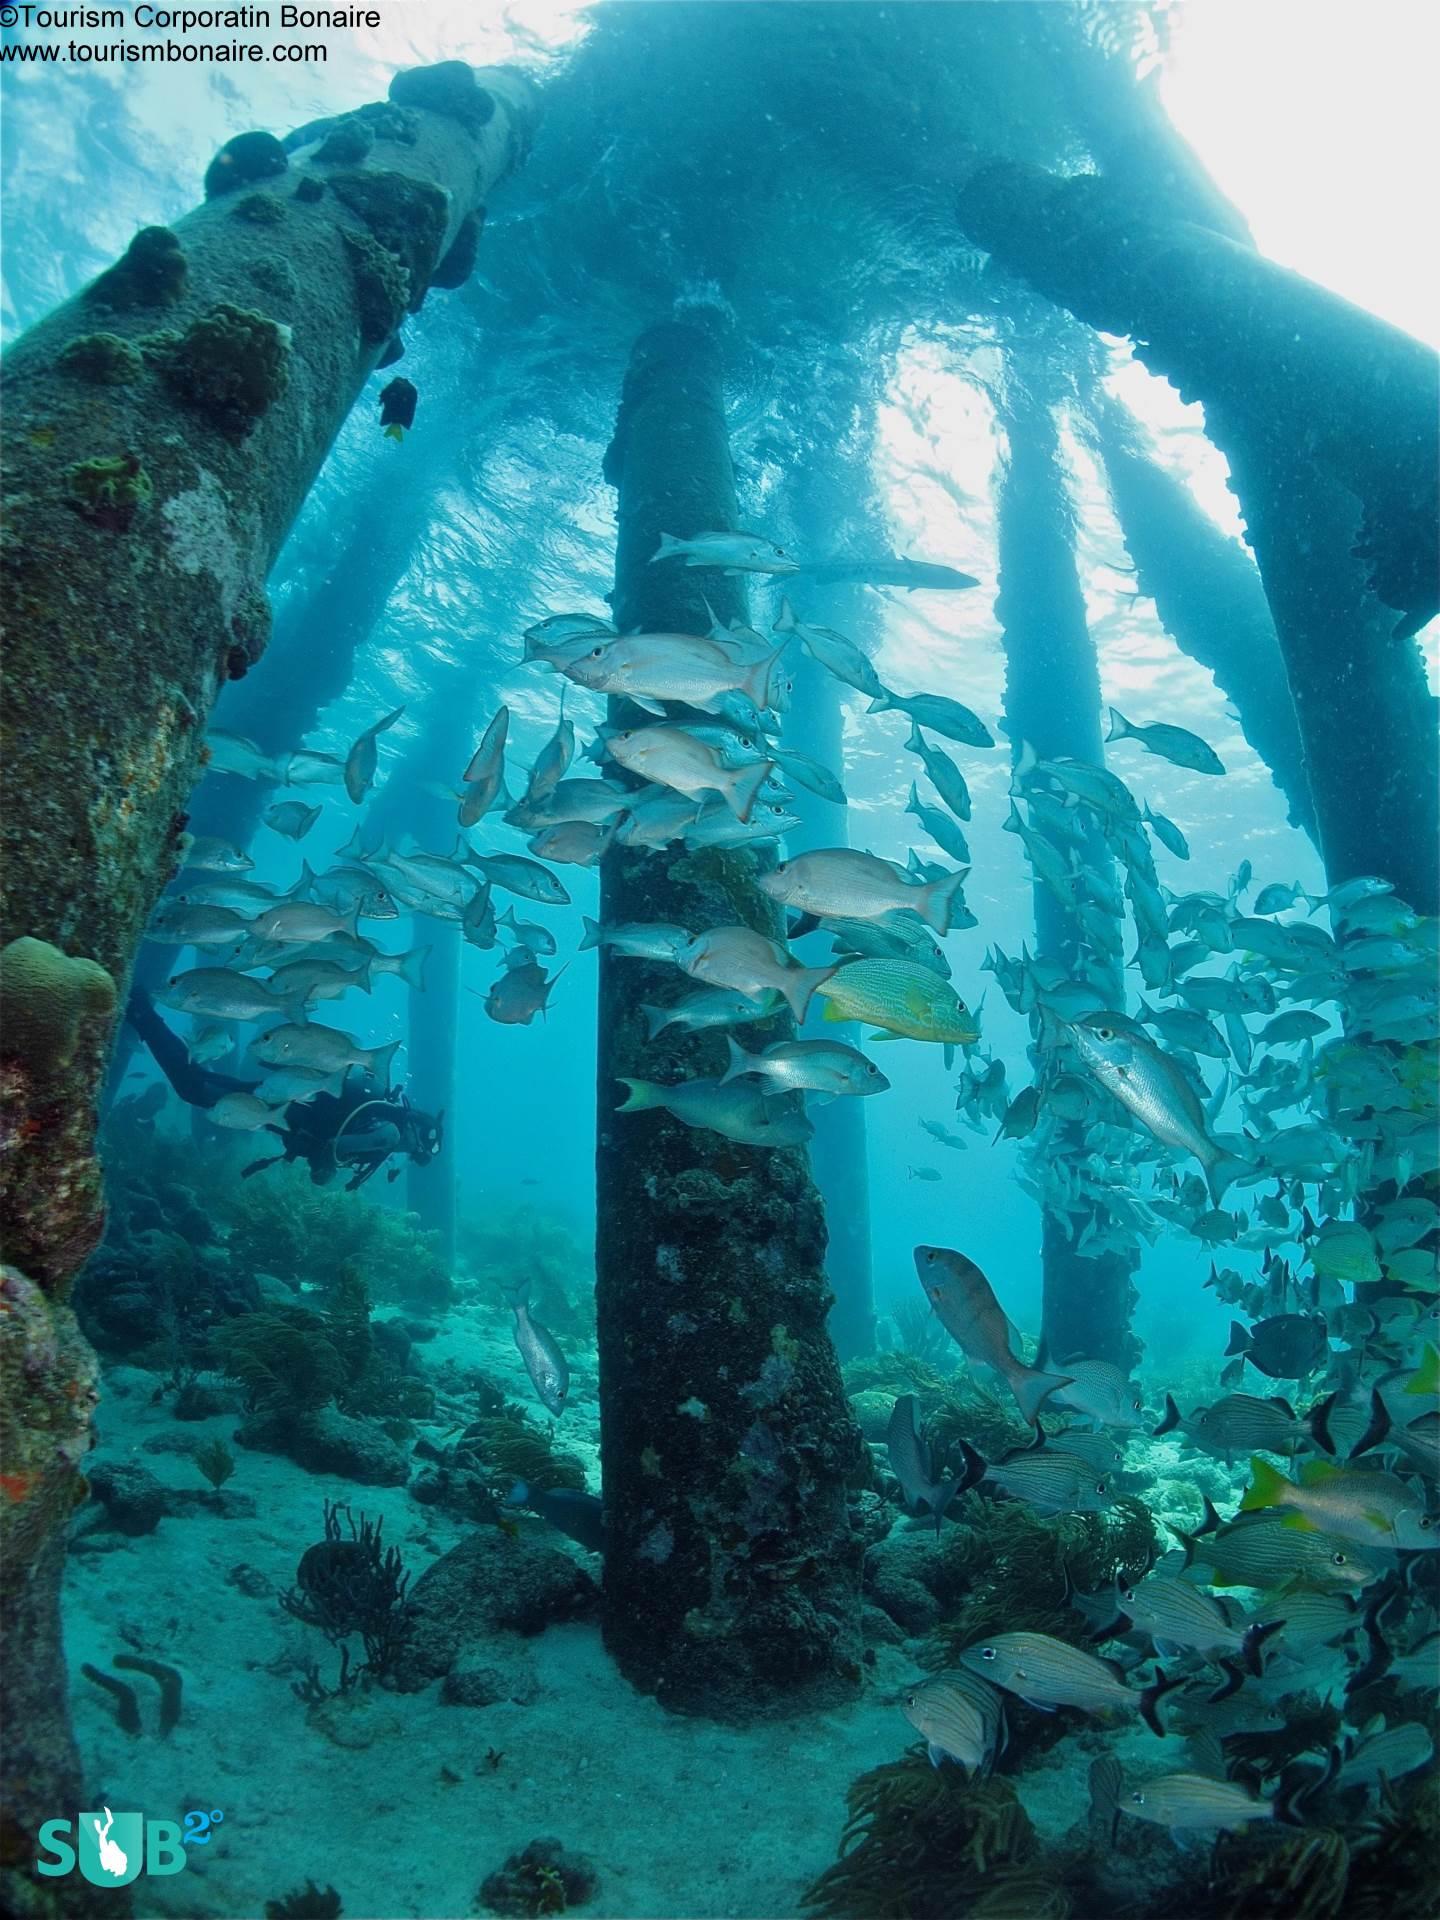 Bonaire's Salt Pier Dazzles